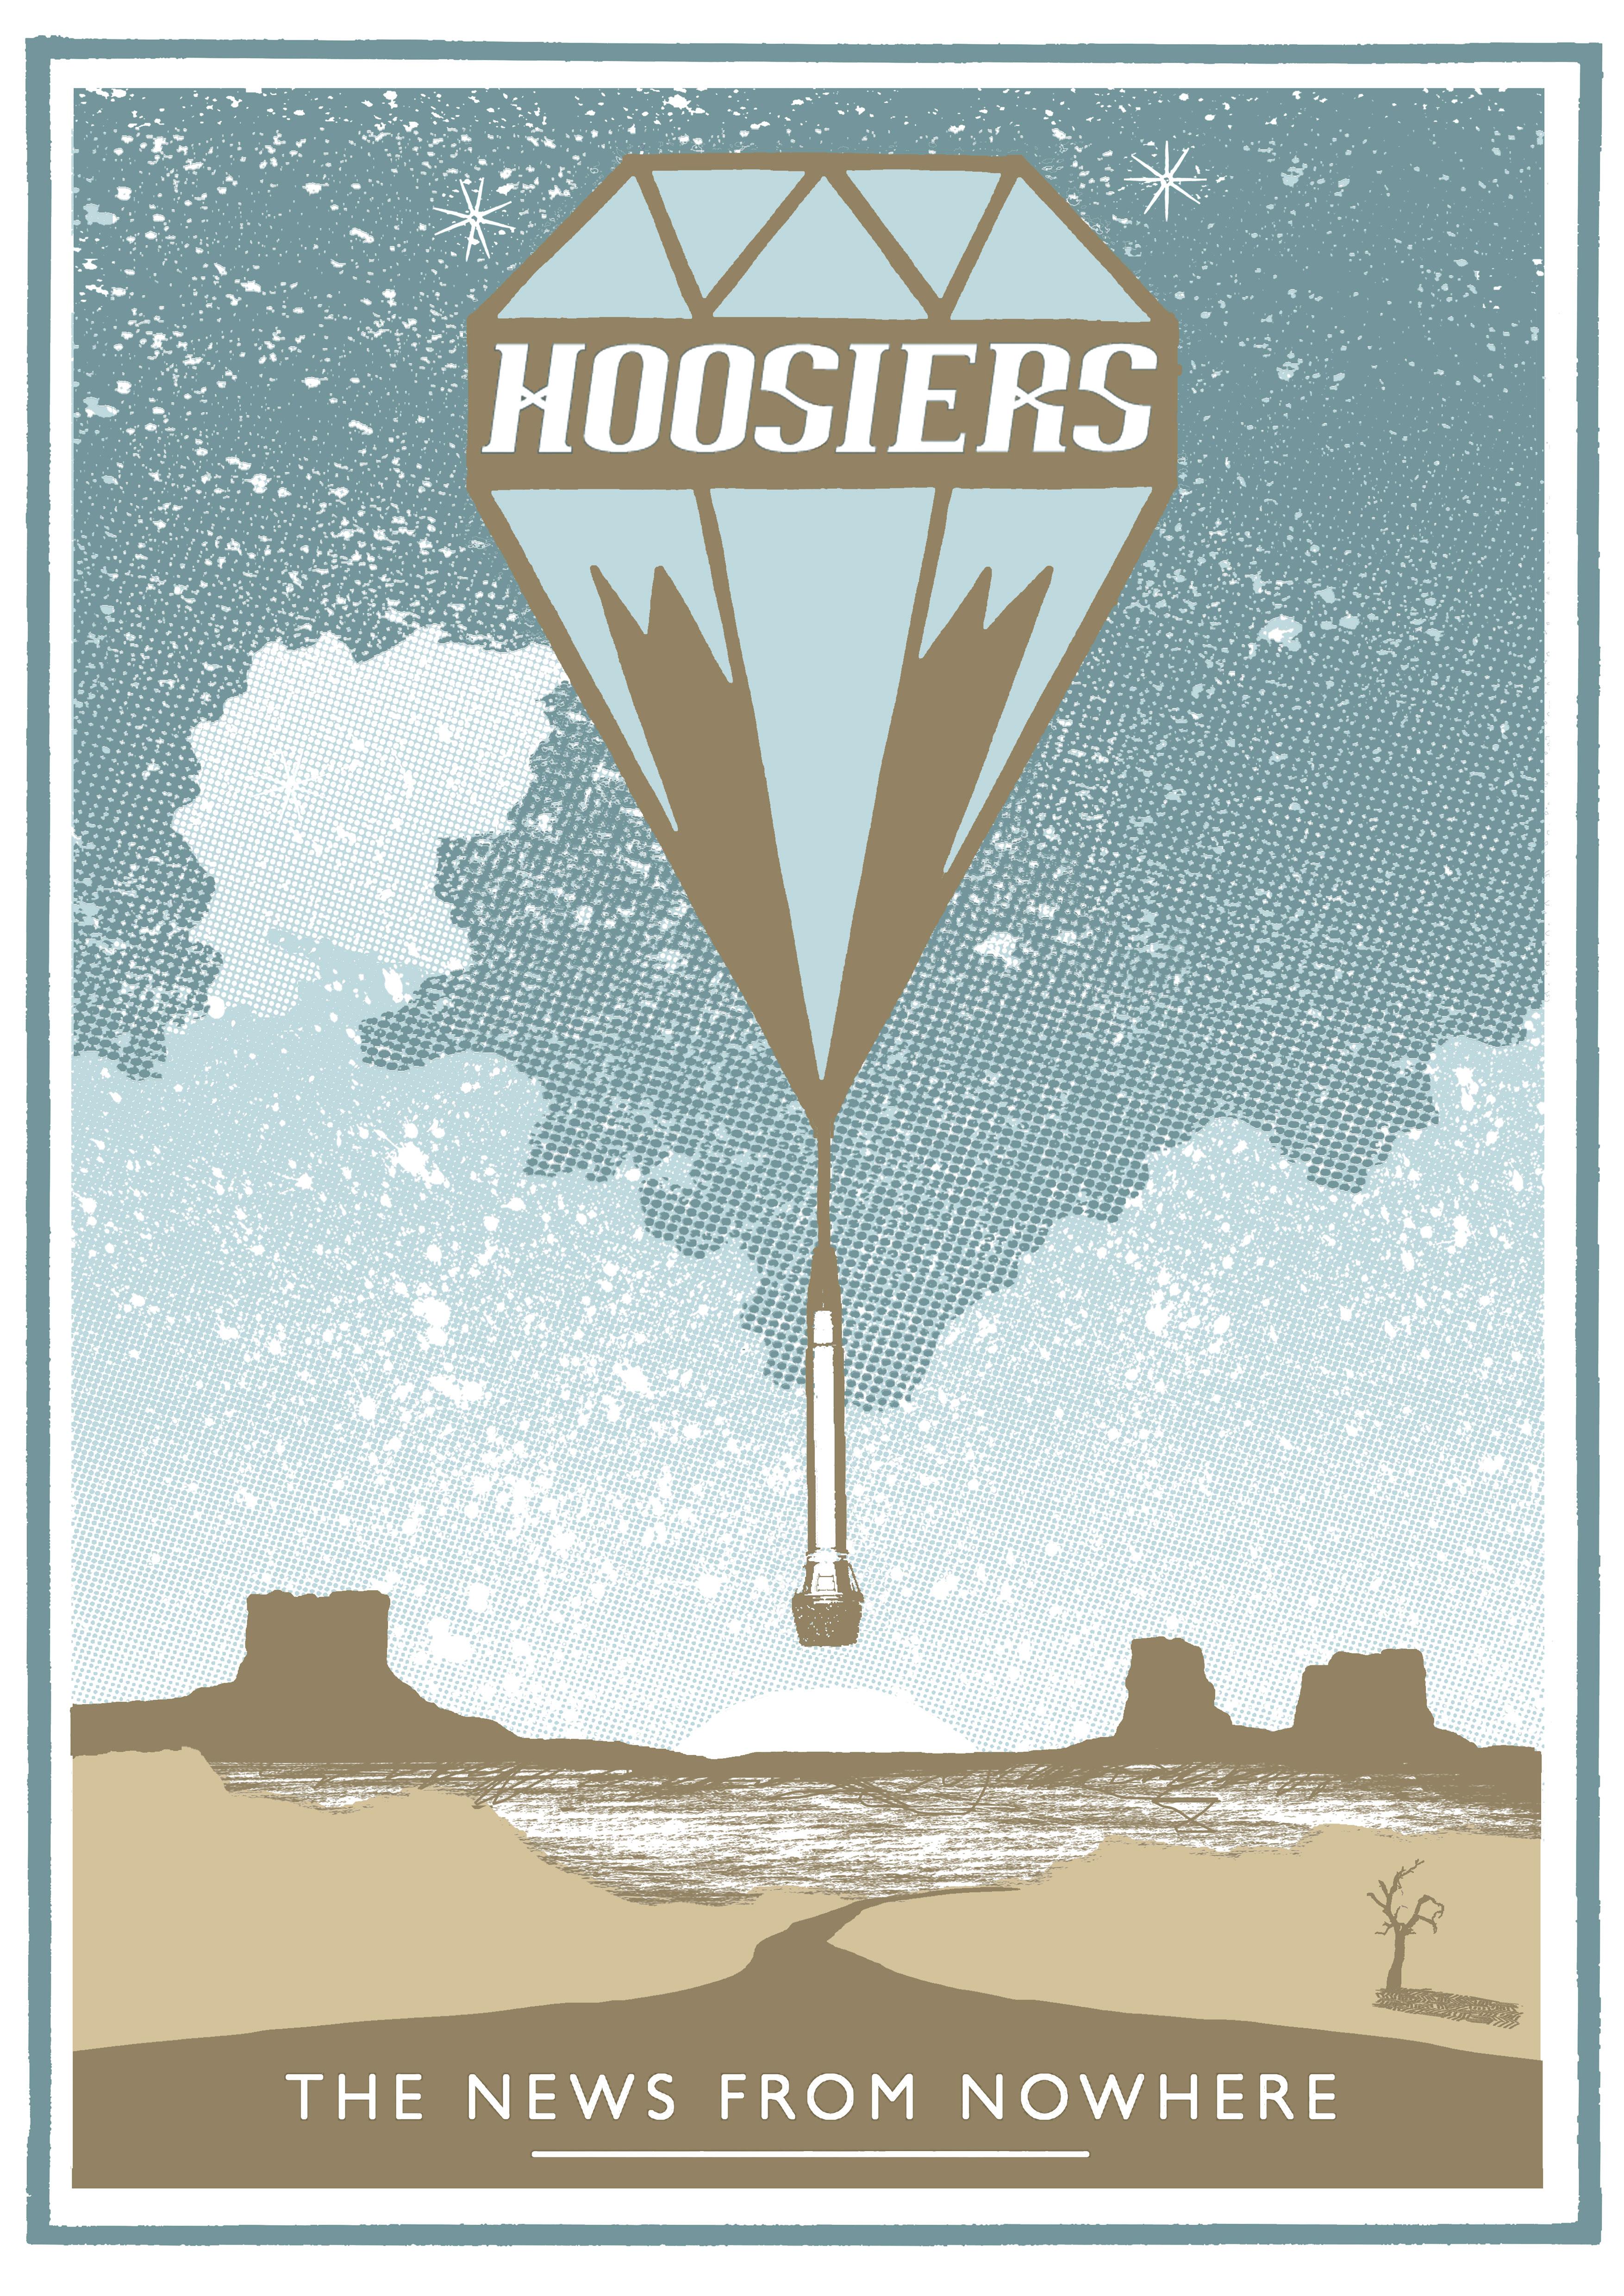 NFNW Desert Hand-printed Poster - The Hoosiers